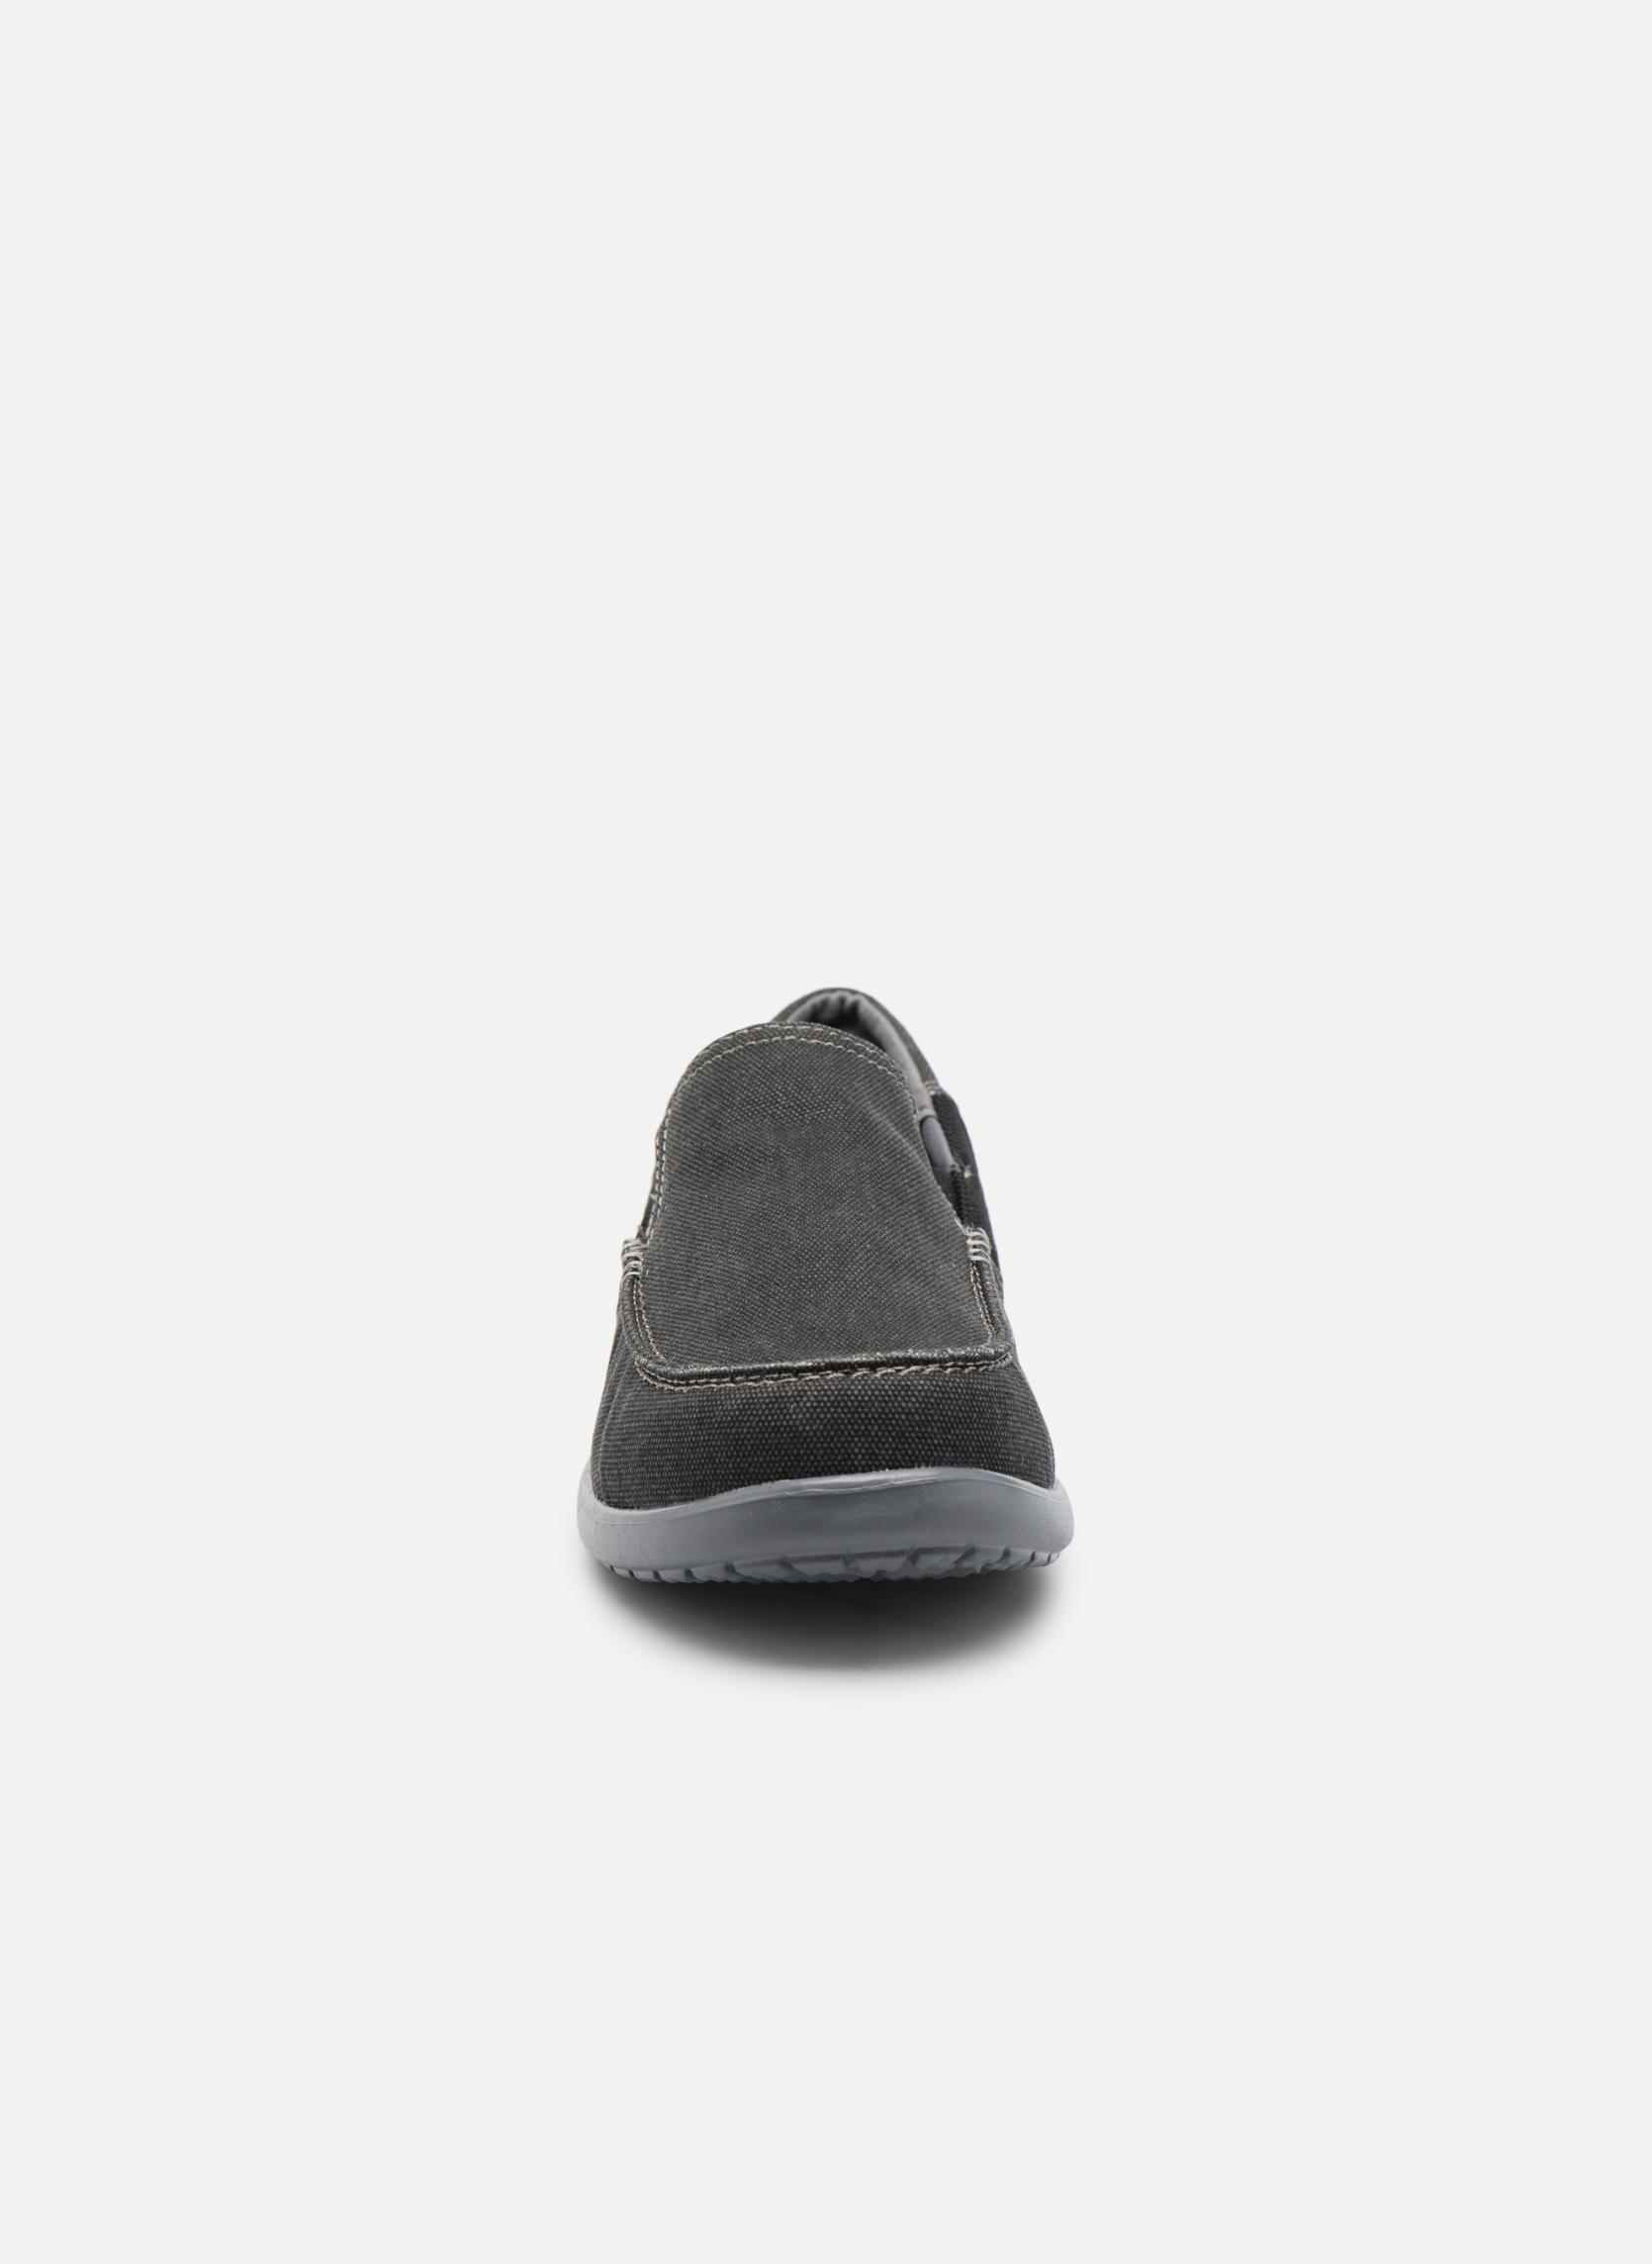 Baskets Crocs Santa Cruz 2 Luxe M Noir vue portées chaussures